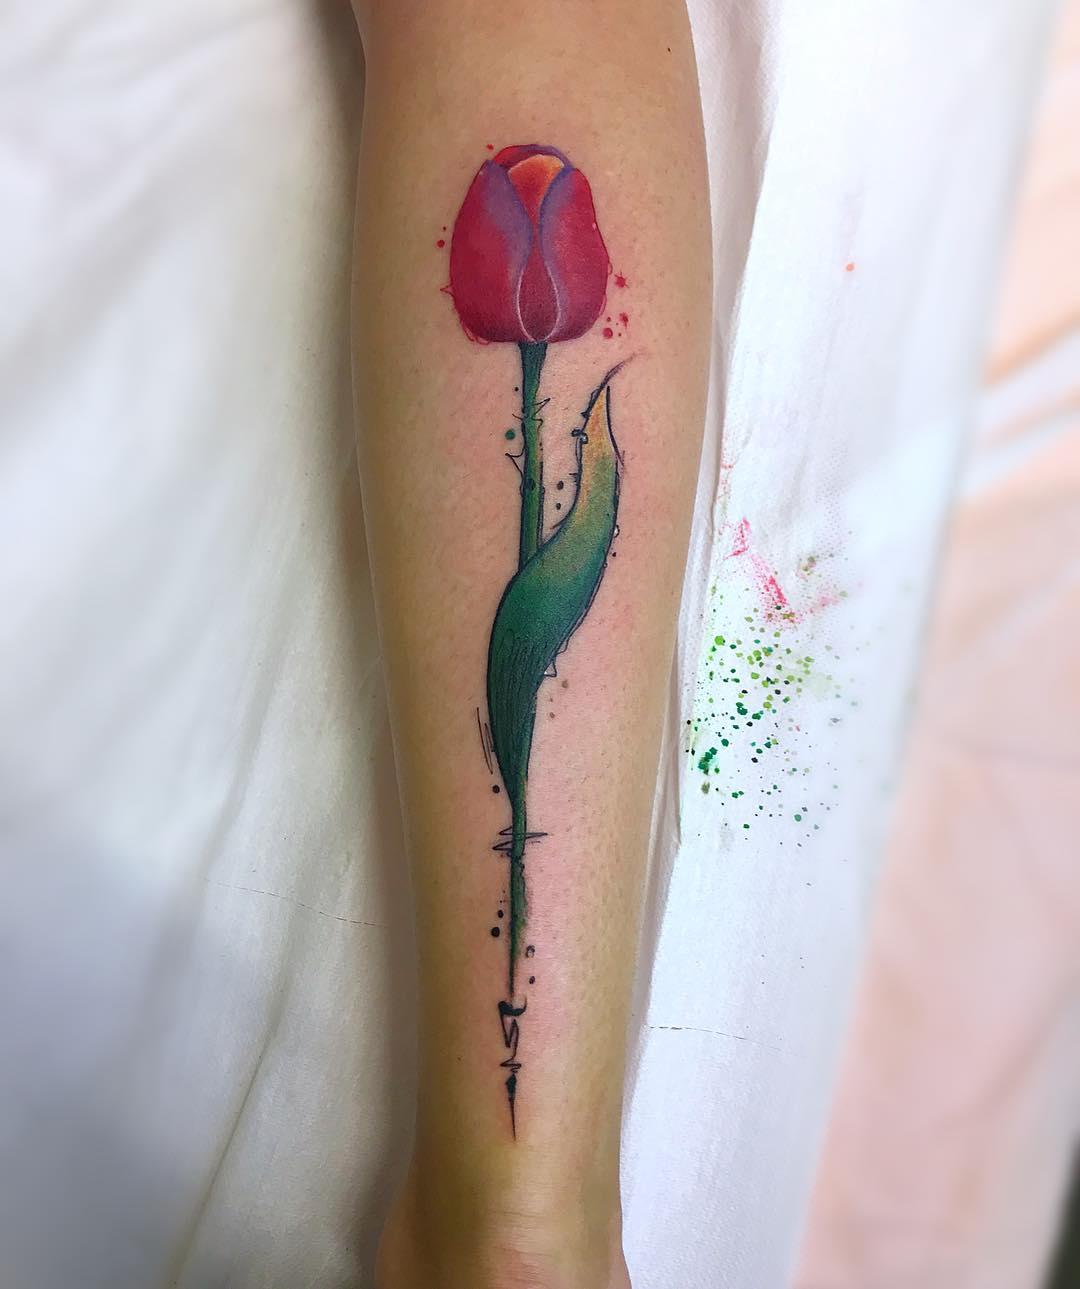 小臂彩色羽毛纹身图案         小臂黑灰百合花钟表英文字纹身